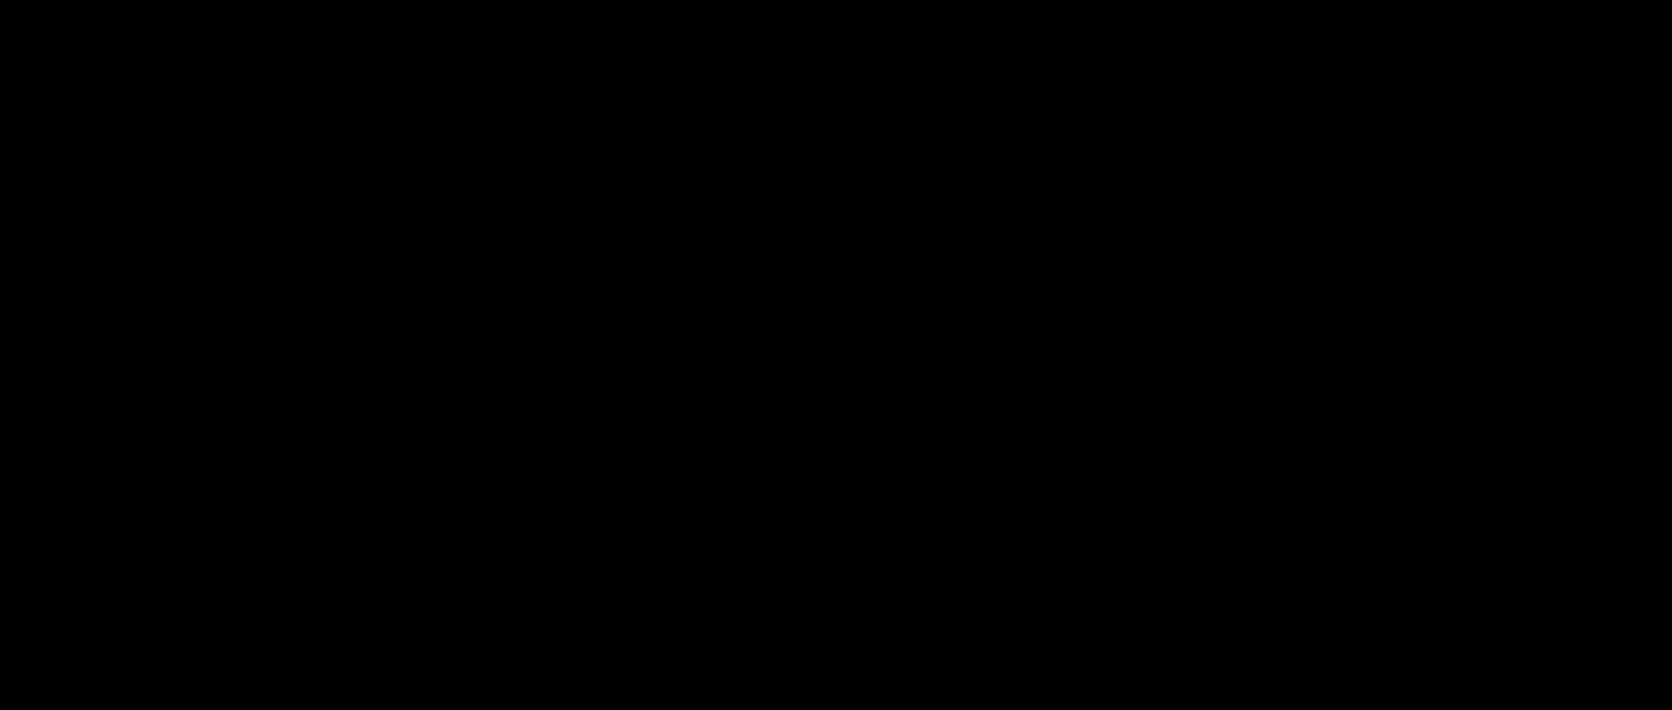 NO-Aspirin 1